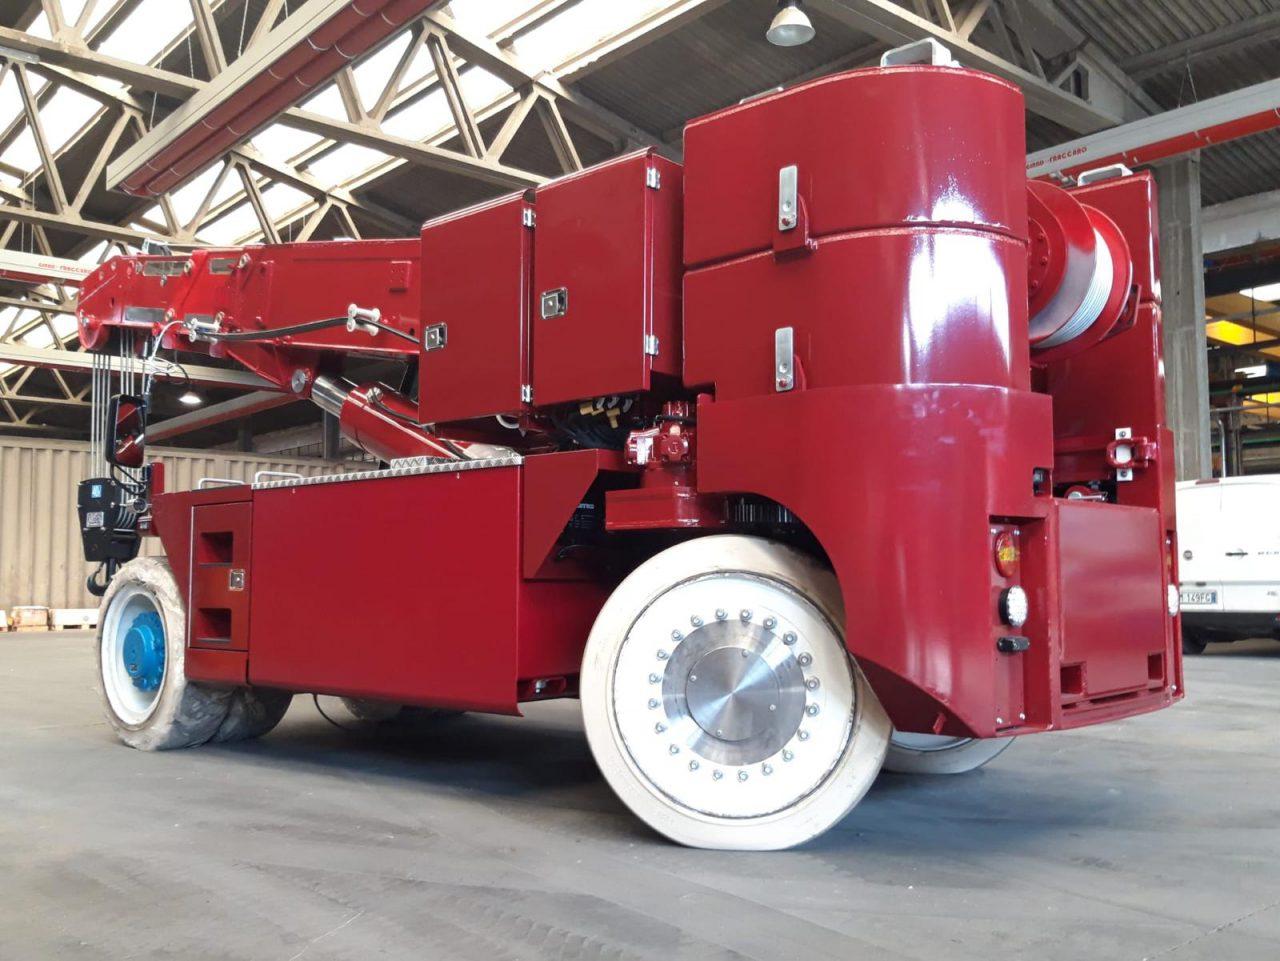 Foto van ORMIG pick & carry kraan die geleverd wordt aan Aarnoutse Transport uit Oostburg